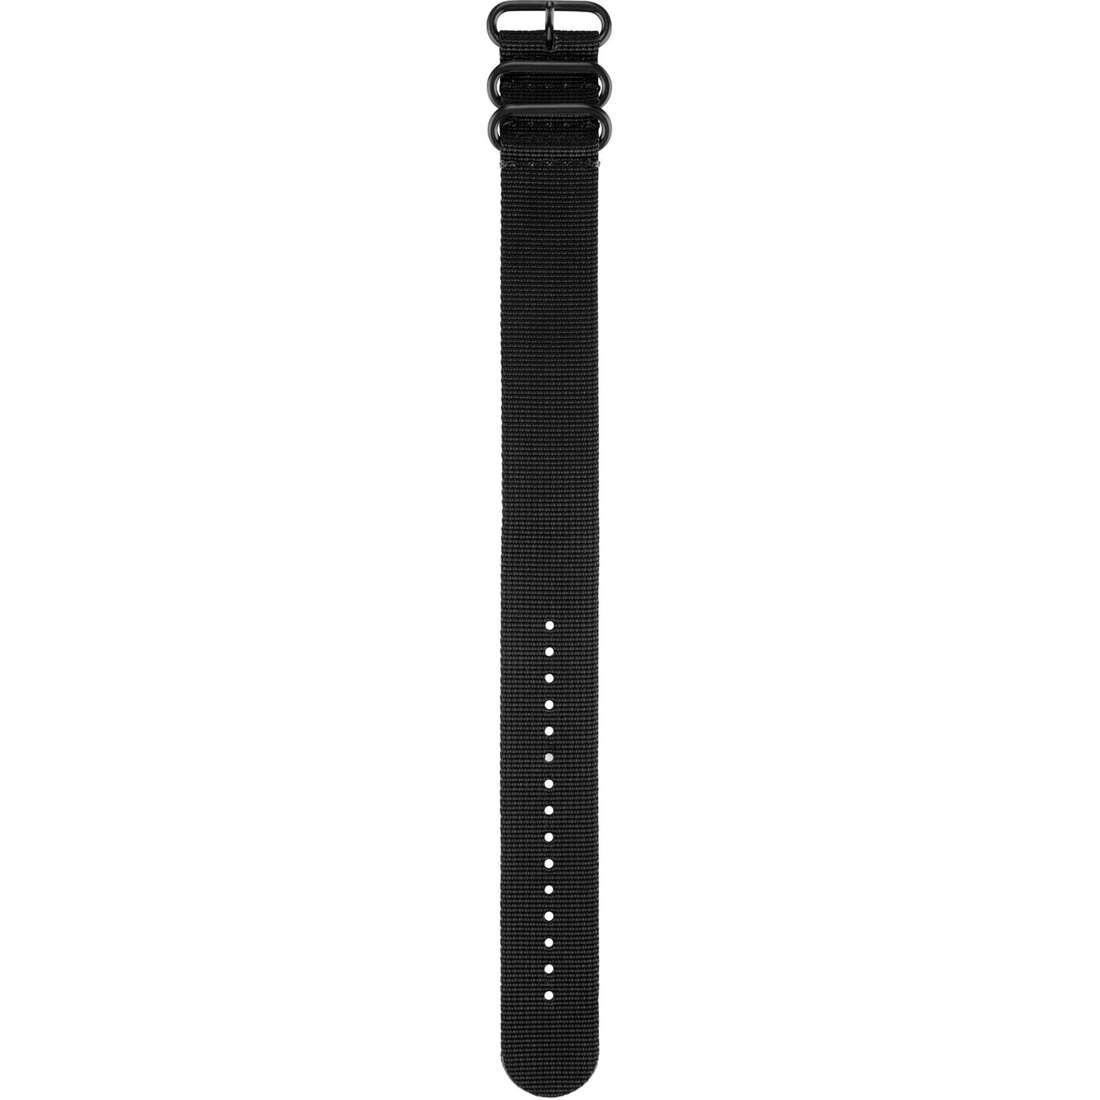 watch accessory unisex Garmin 010-12168-23